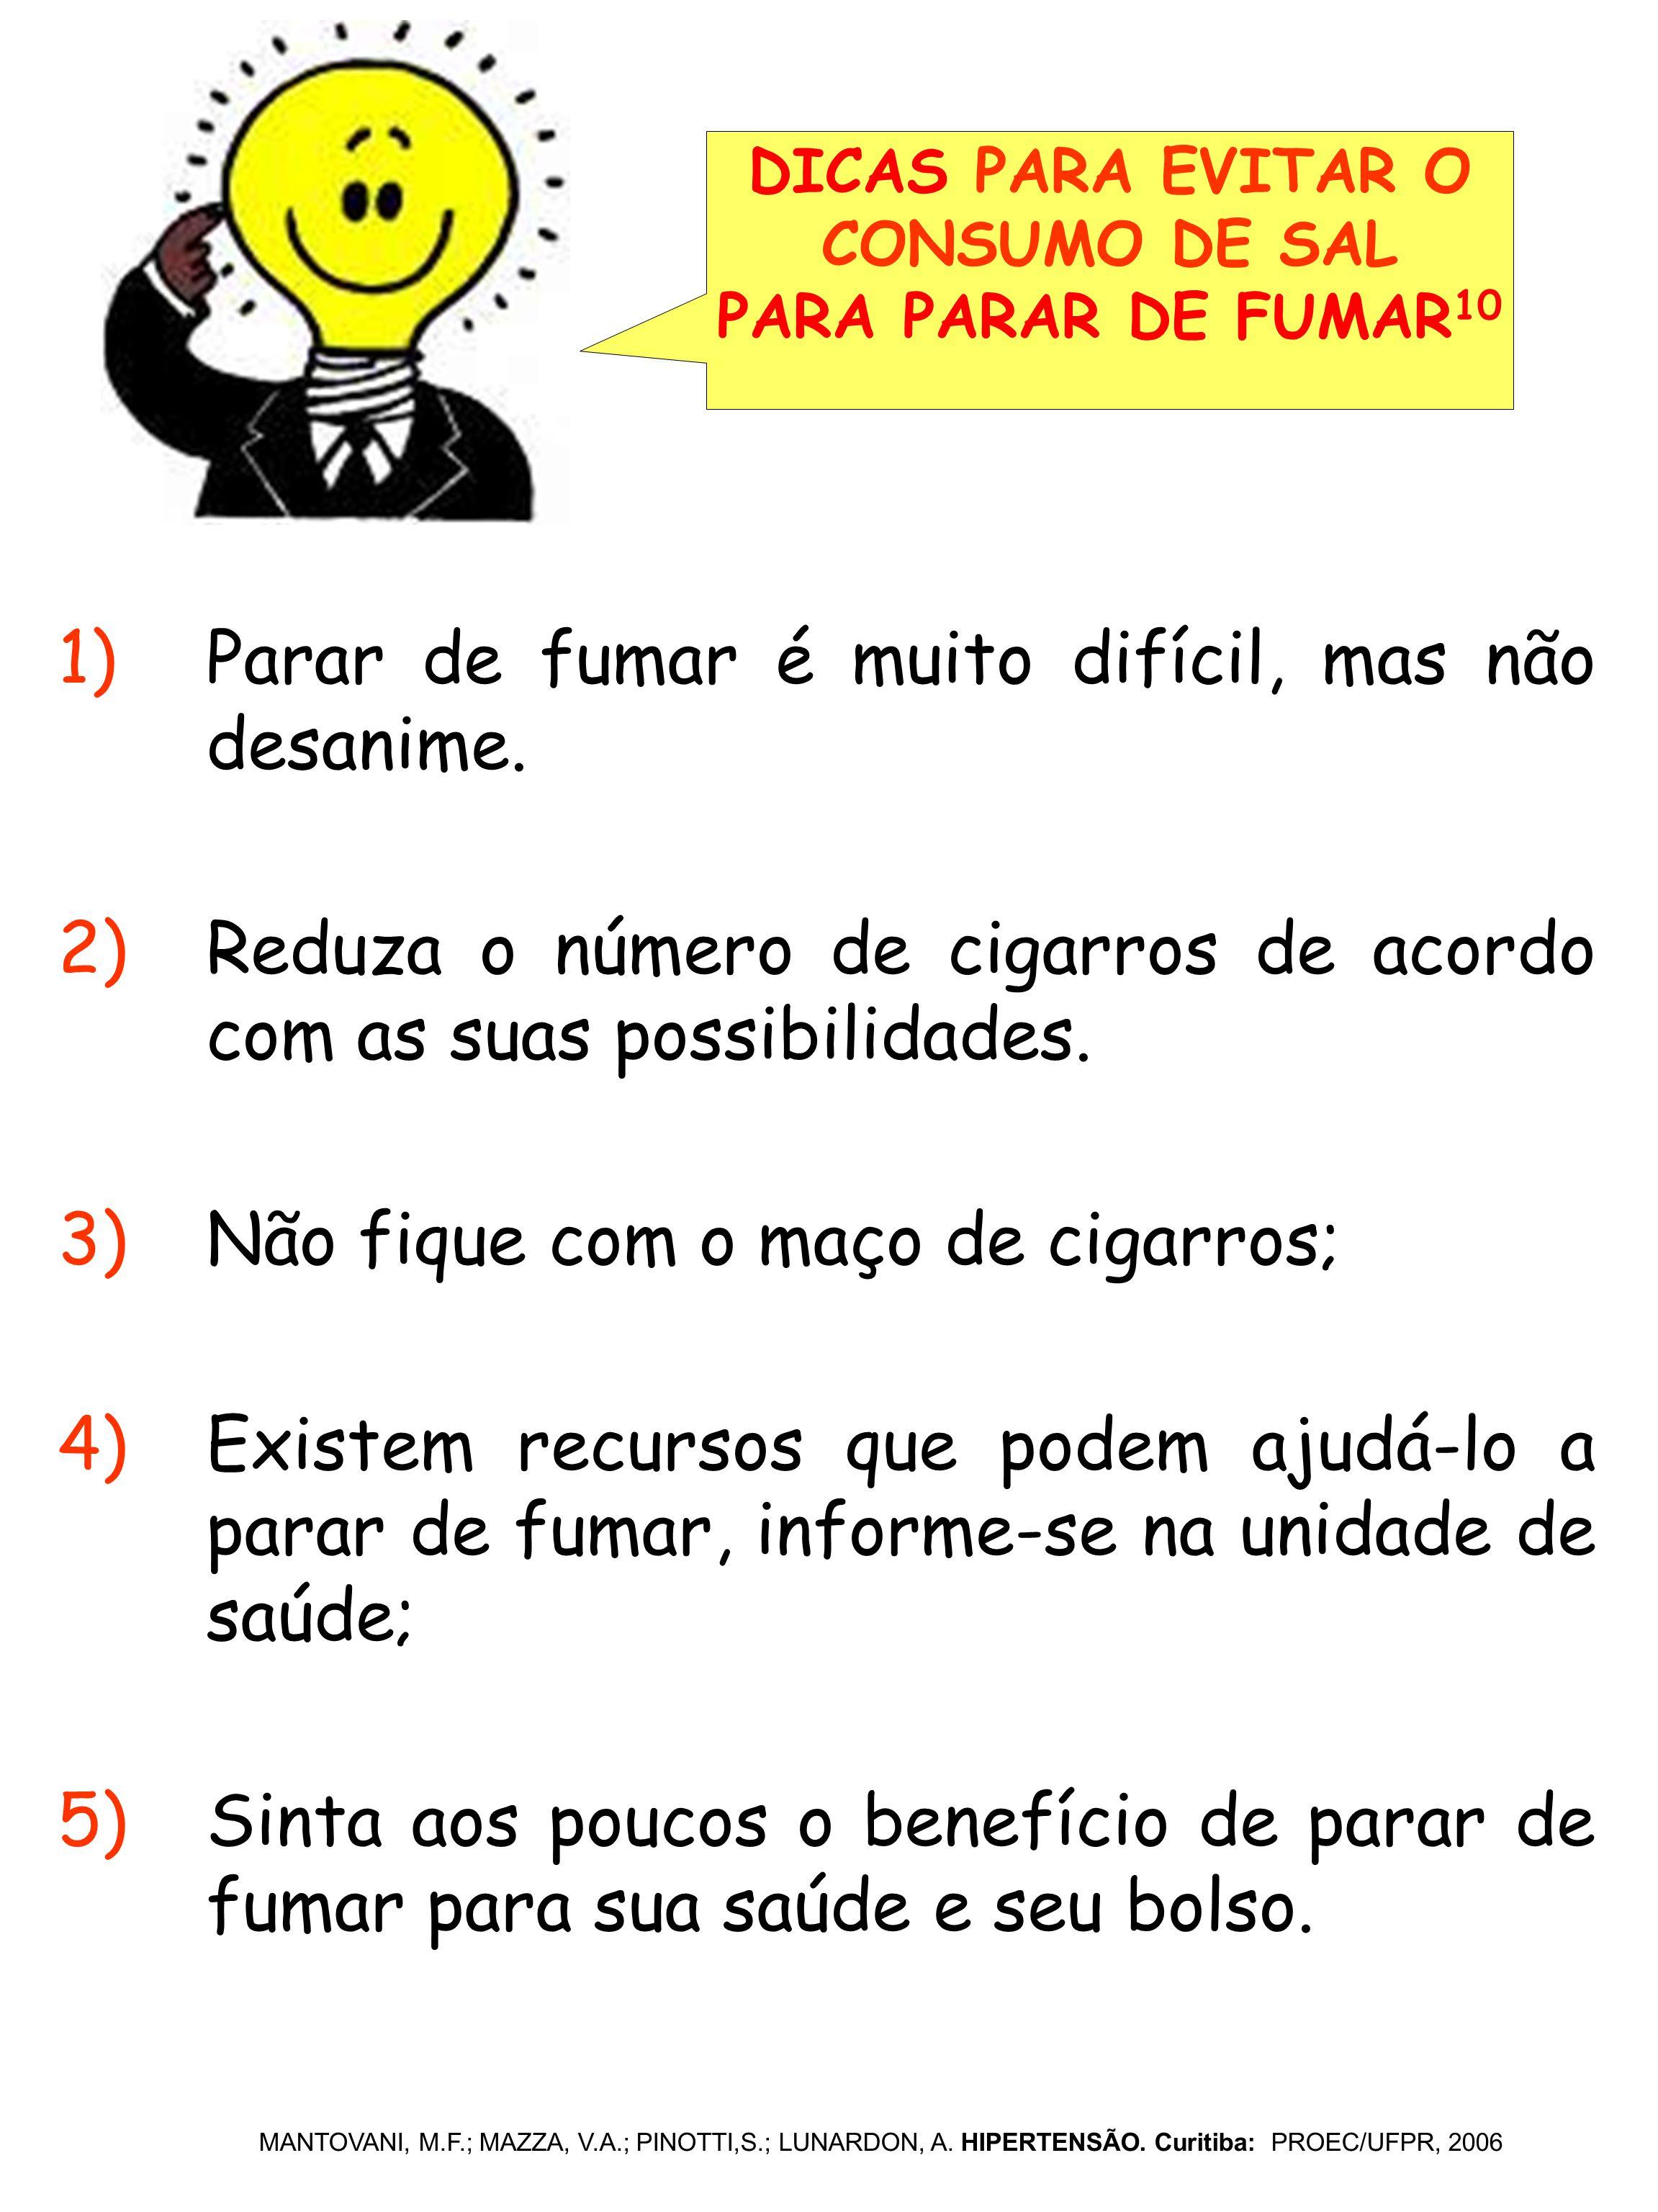 1)Parar de fumar é muito difícil, mas não desanime. 2)Reduza o número de cigarros de acordo com as suas possibilidades. 3)Não fique com o maço de ciga